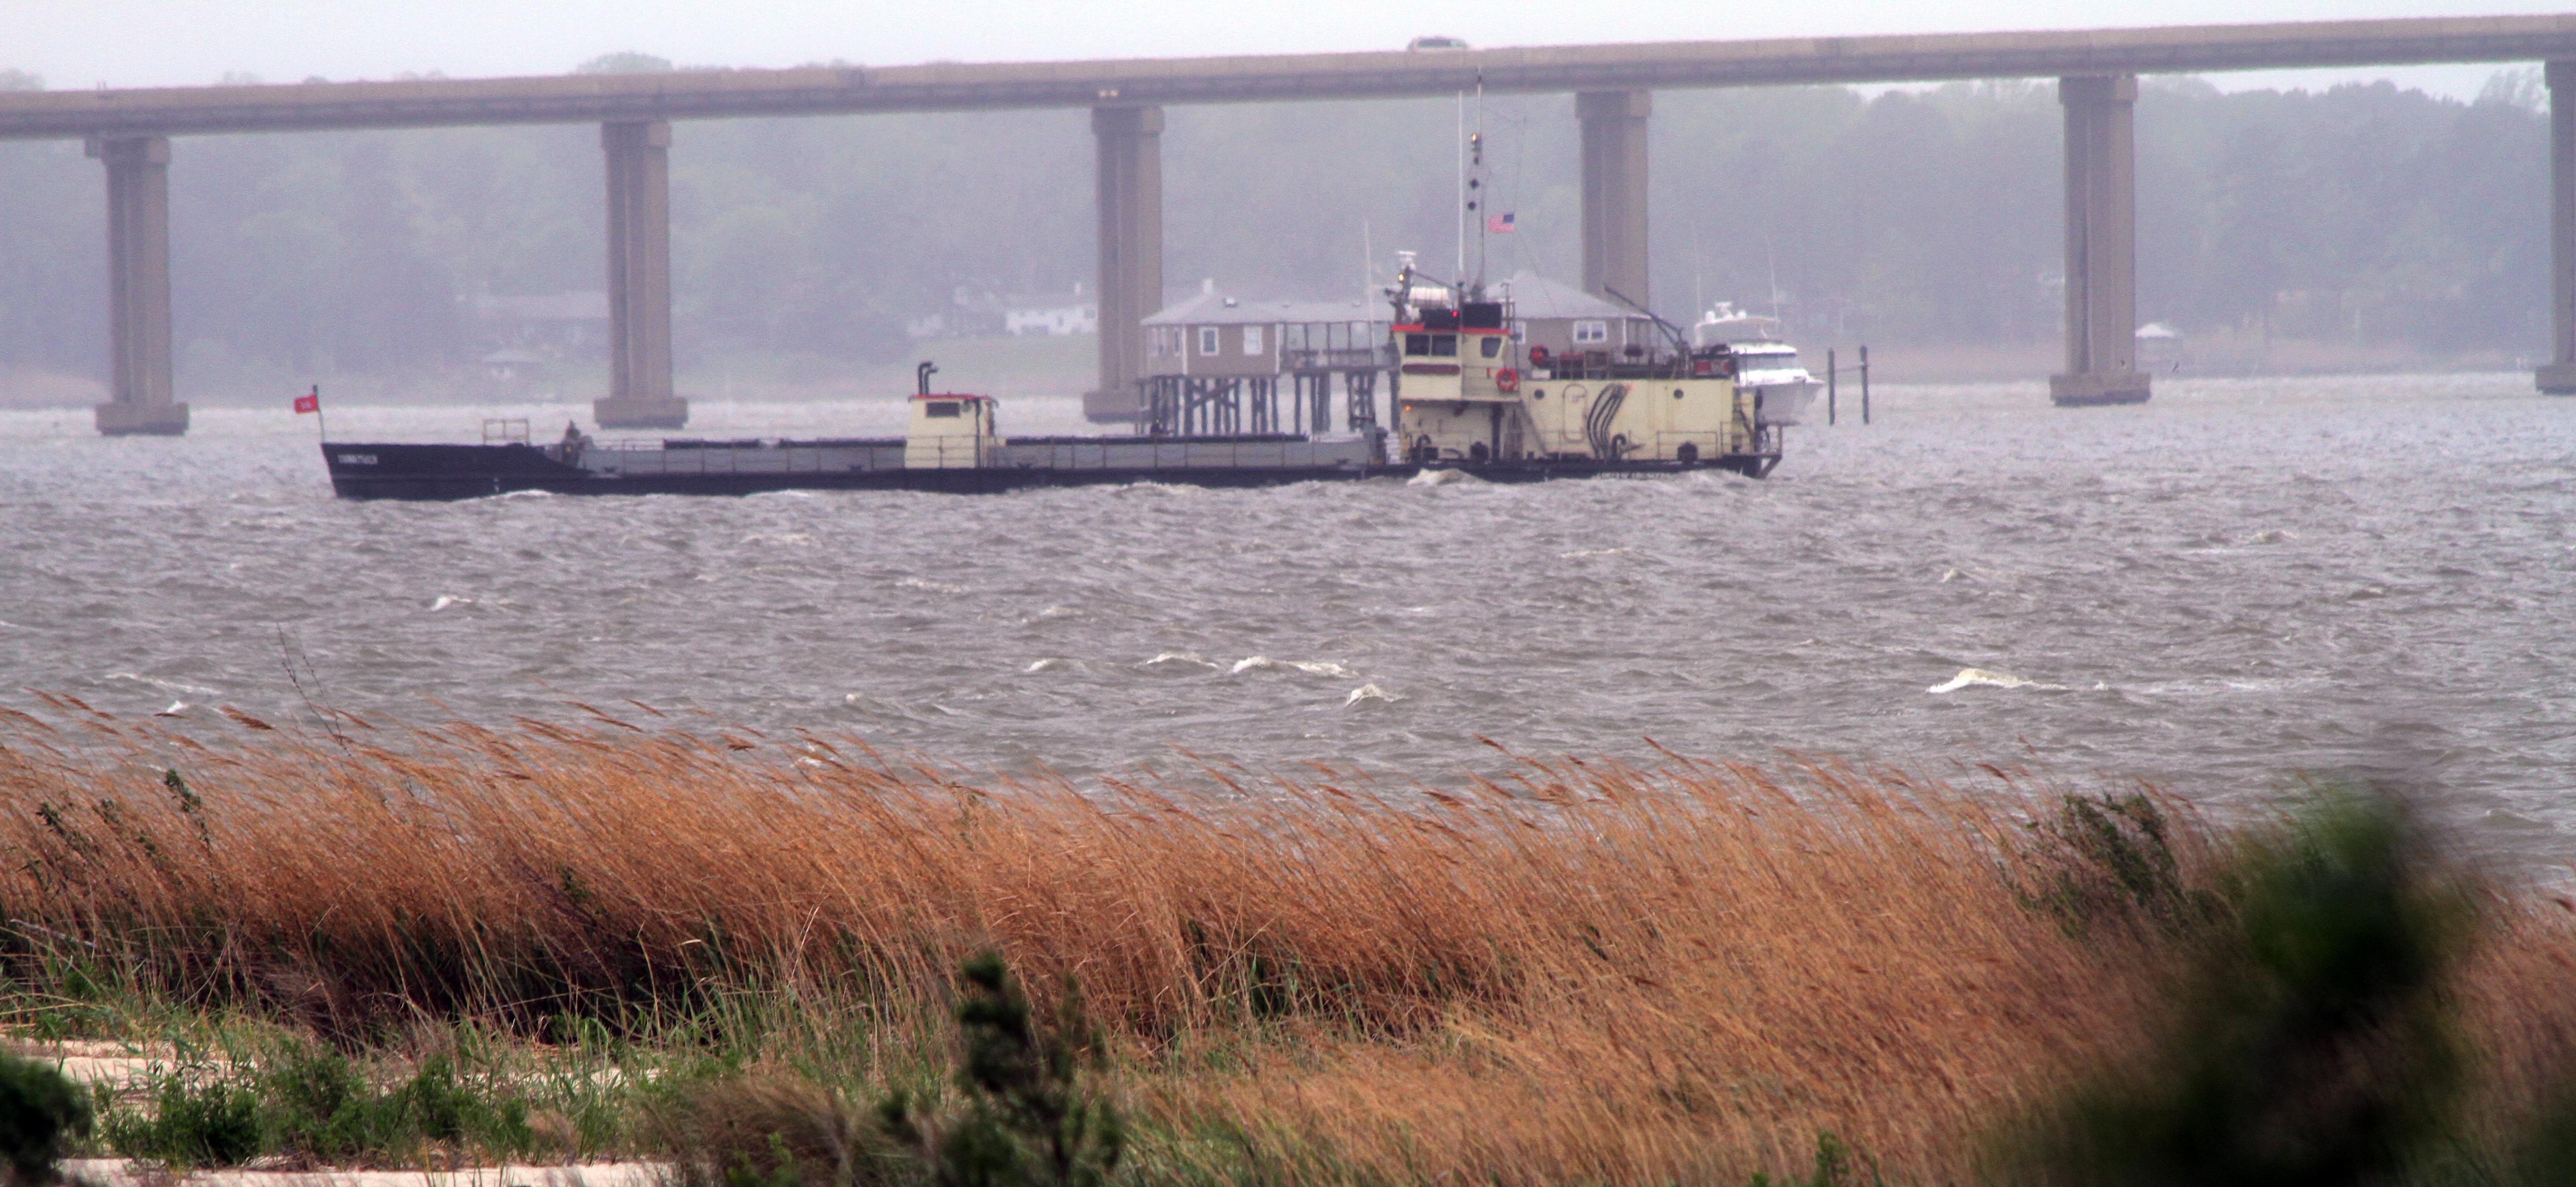 Corps begins $144K Bennett's Creek dredging